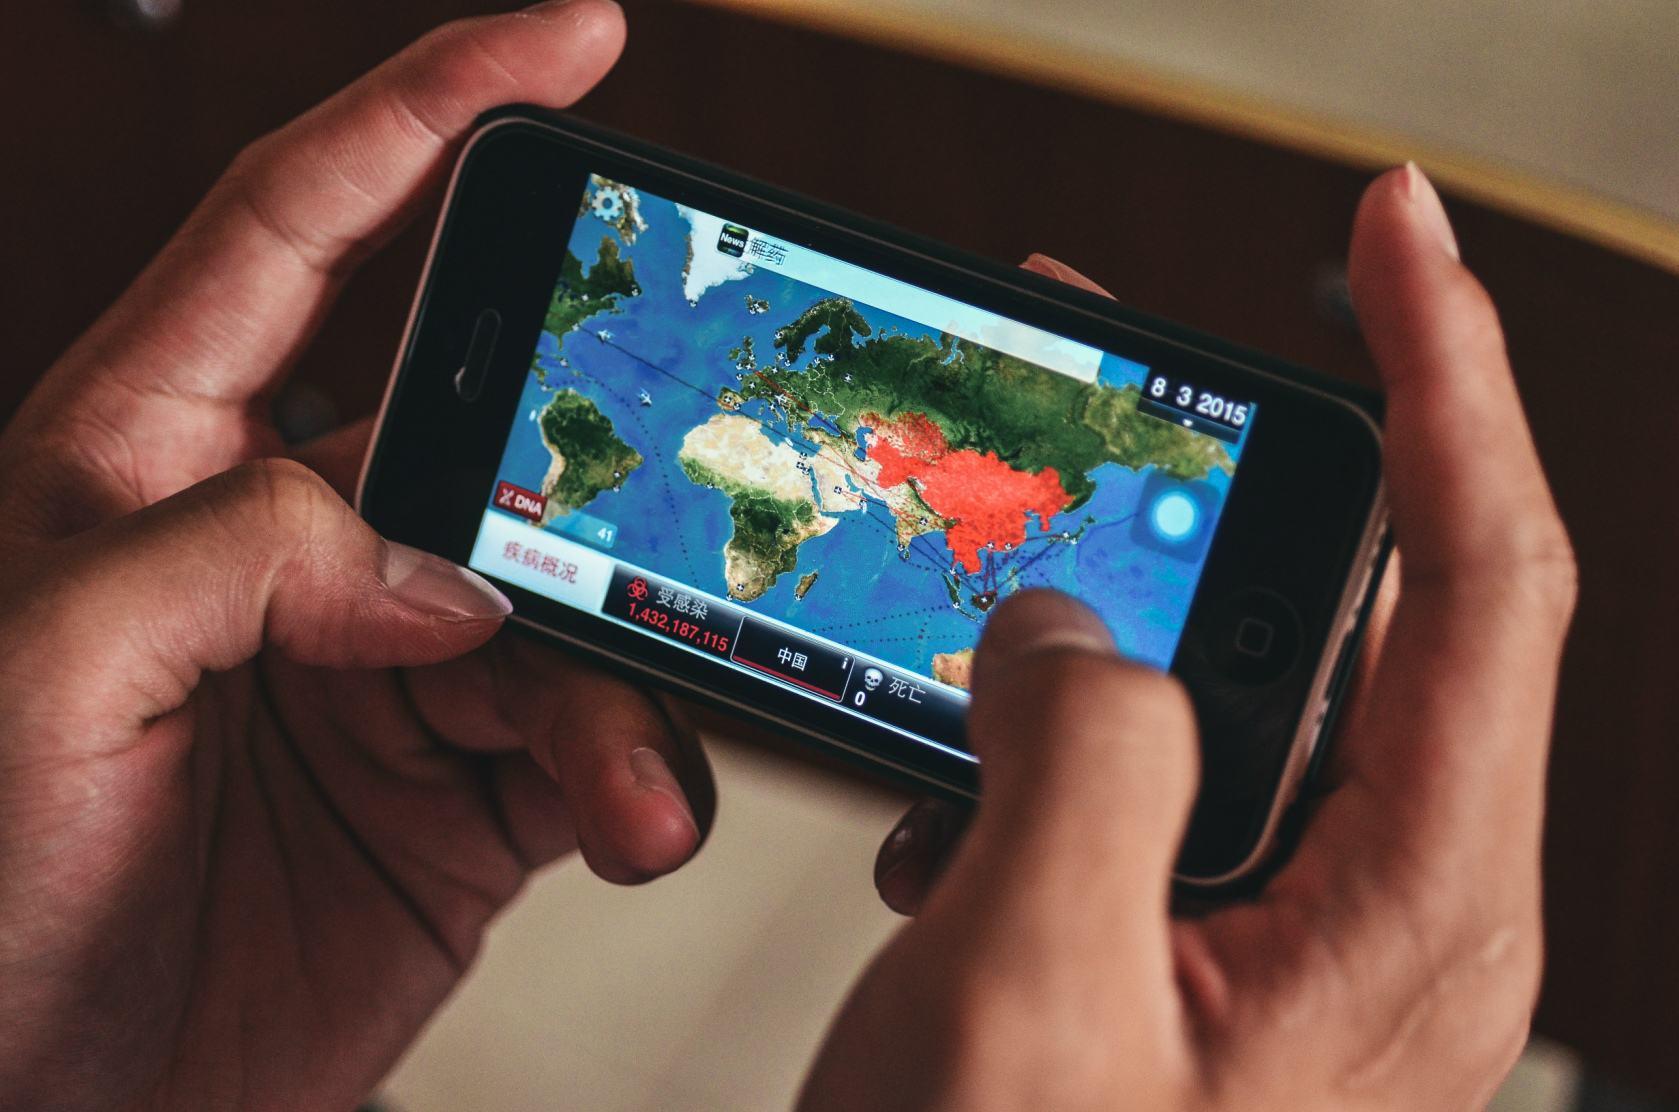 中国游戏前两名!六月全球最赚钱十大手游出炉